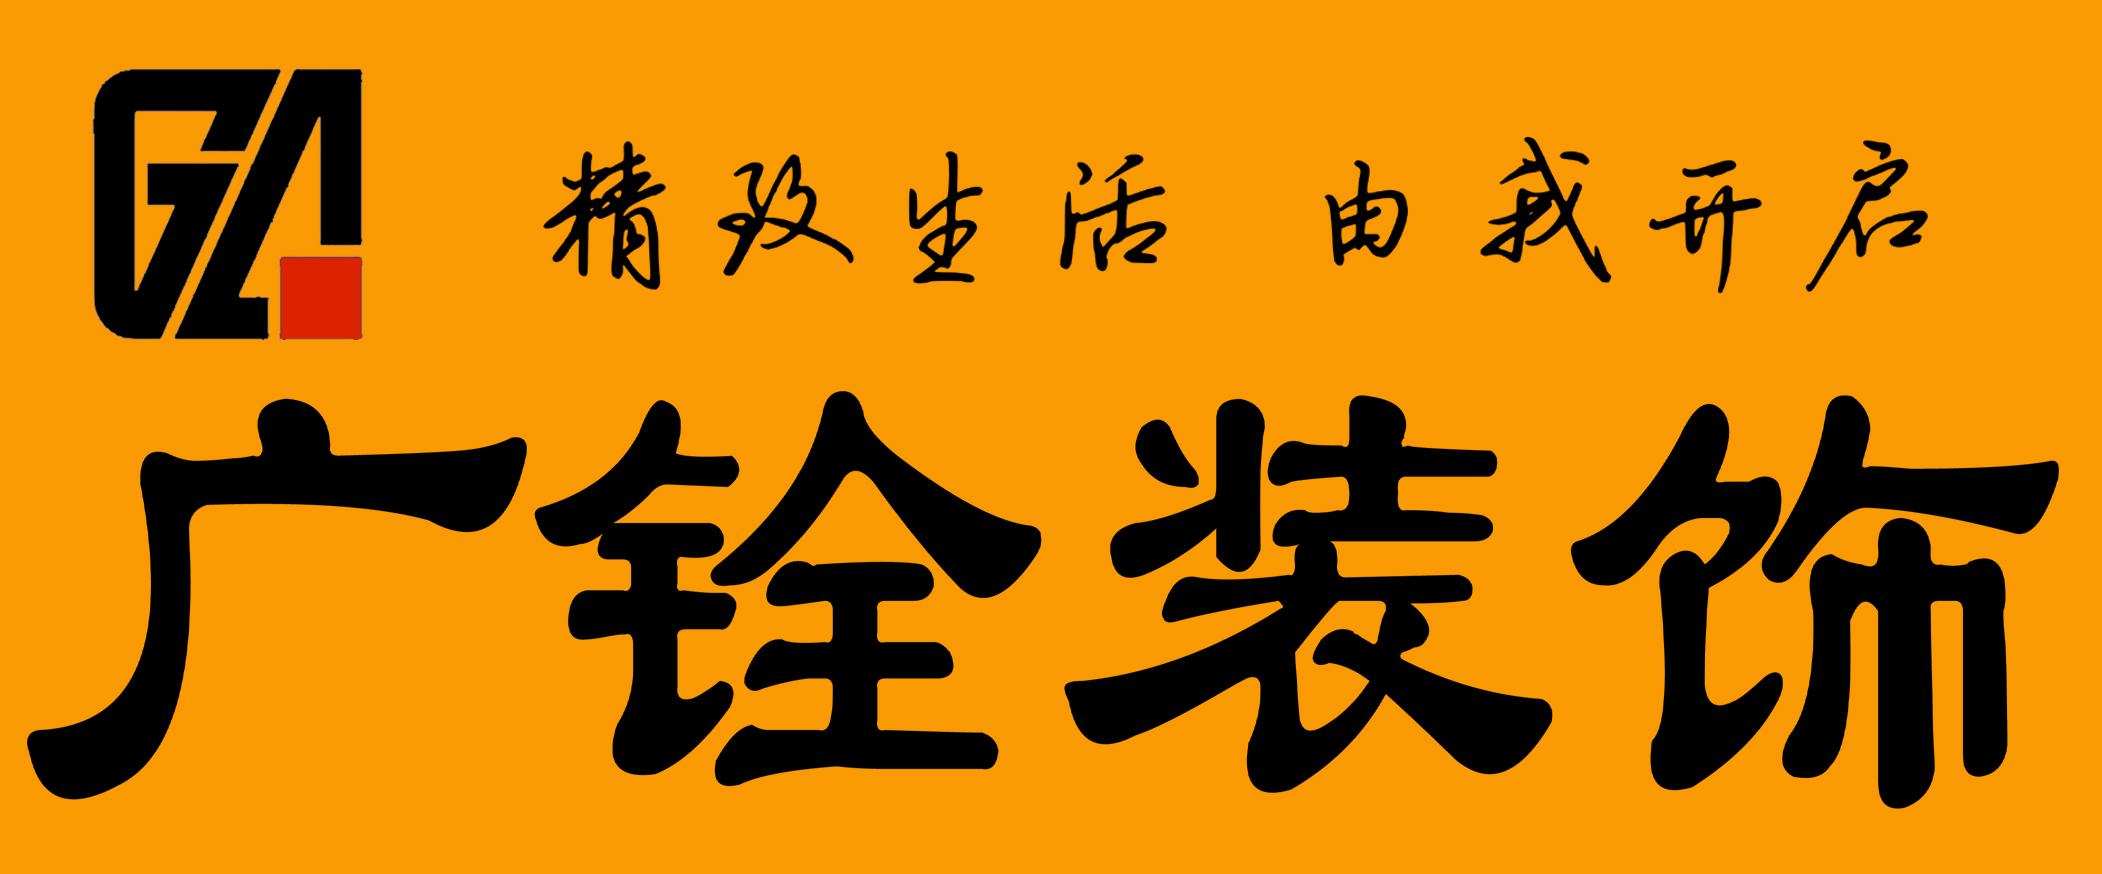 烟台广铨装饰工程有限公司